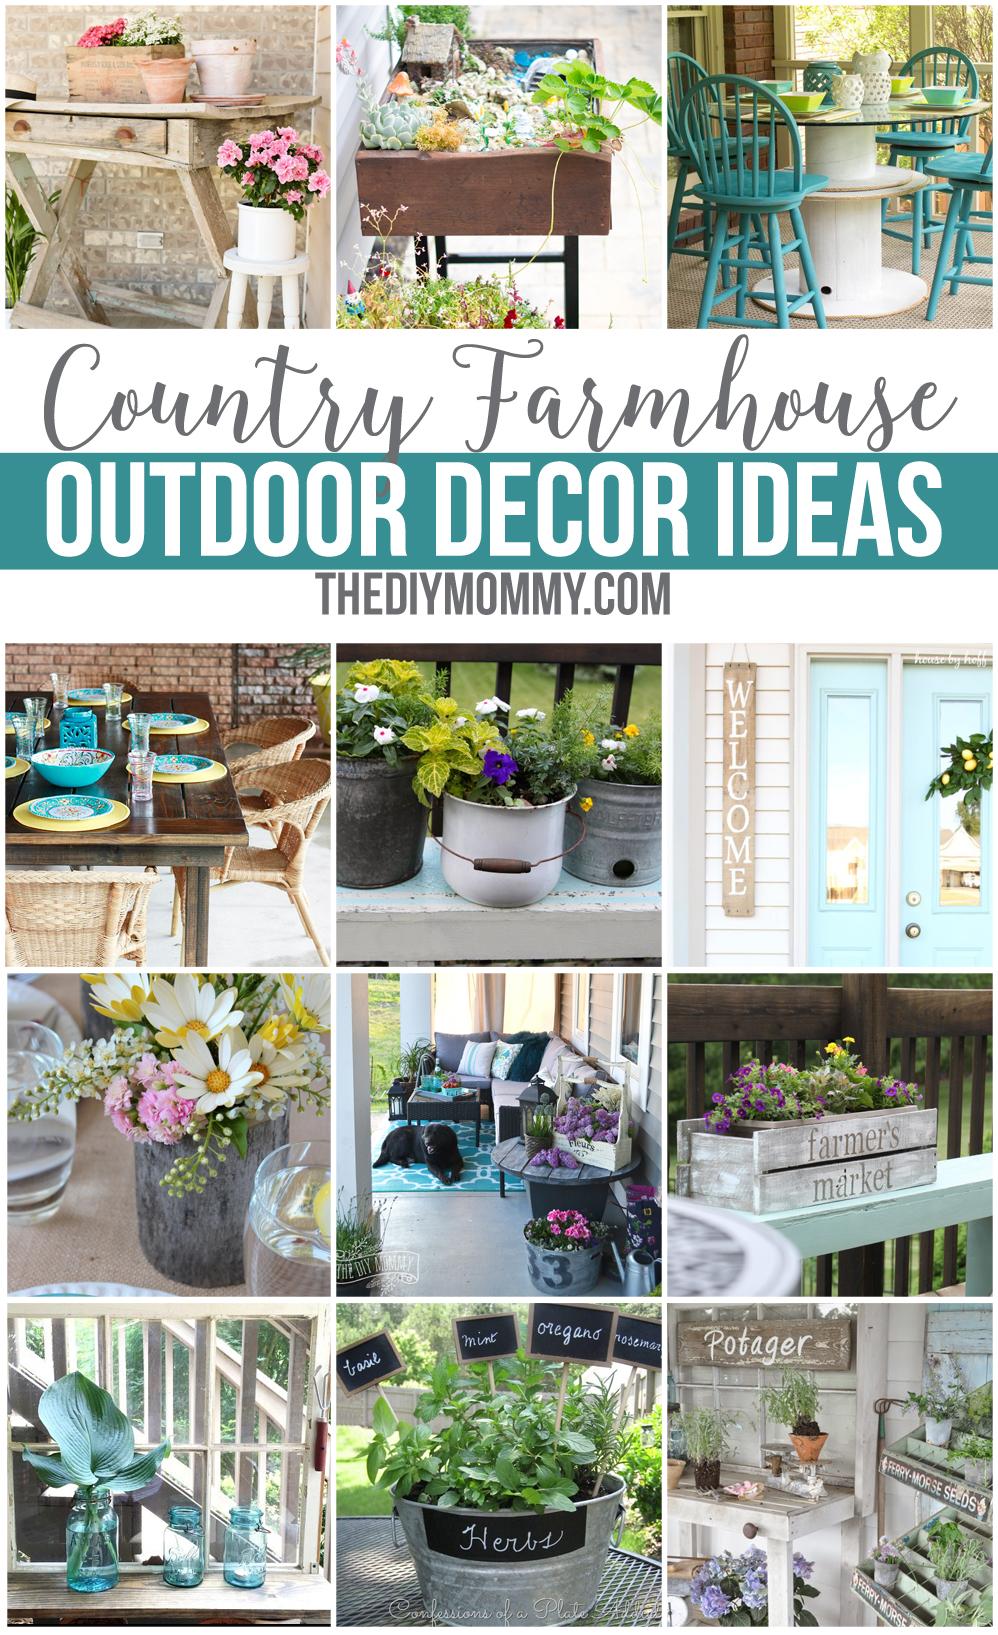 12 gorgeous country farmhouse outdoor